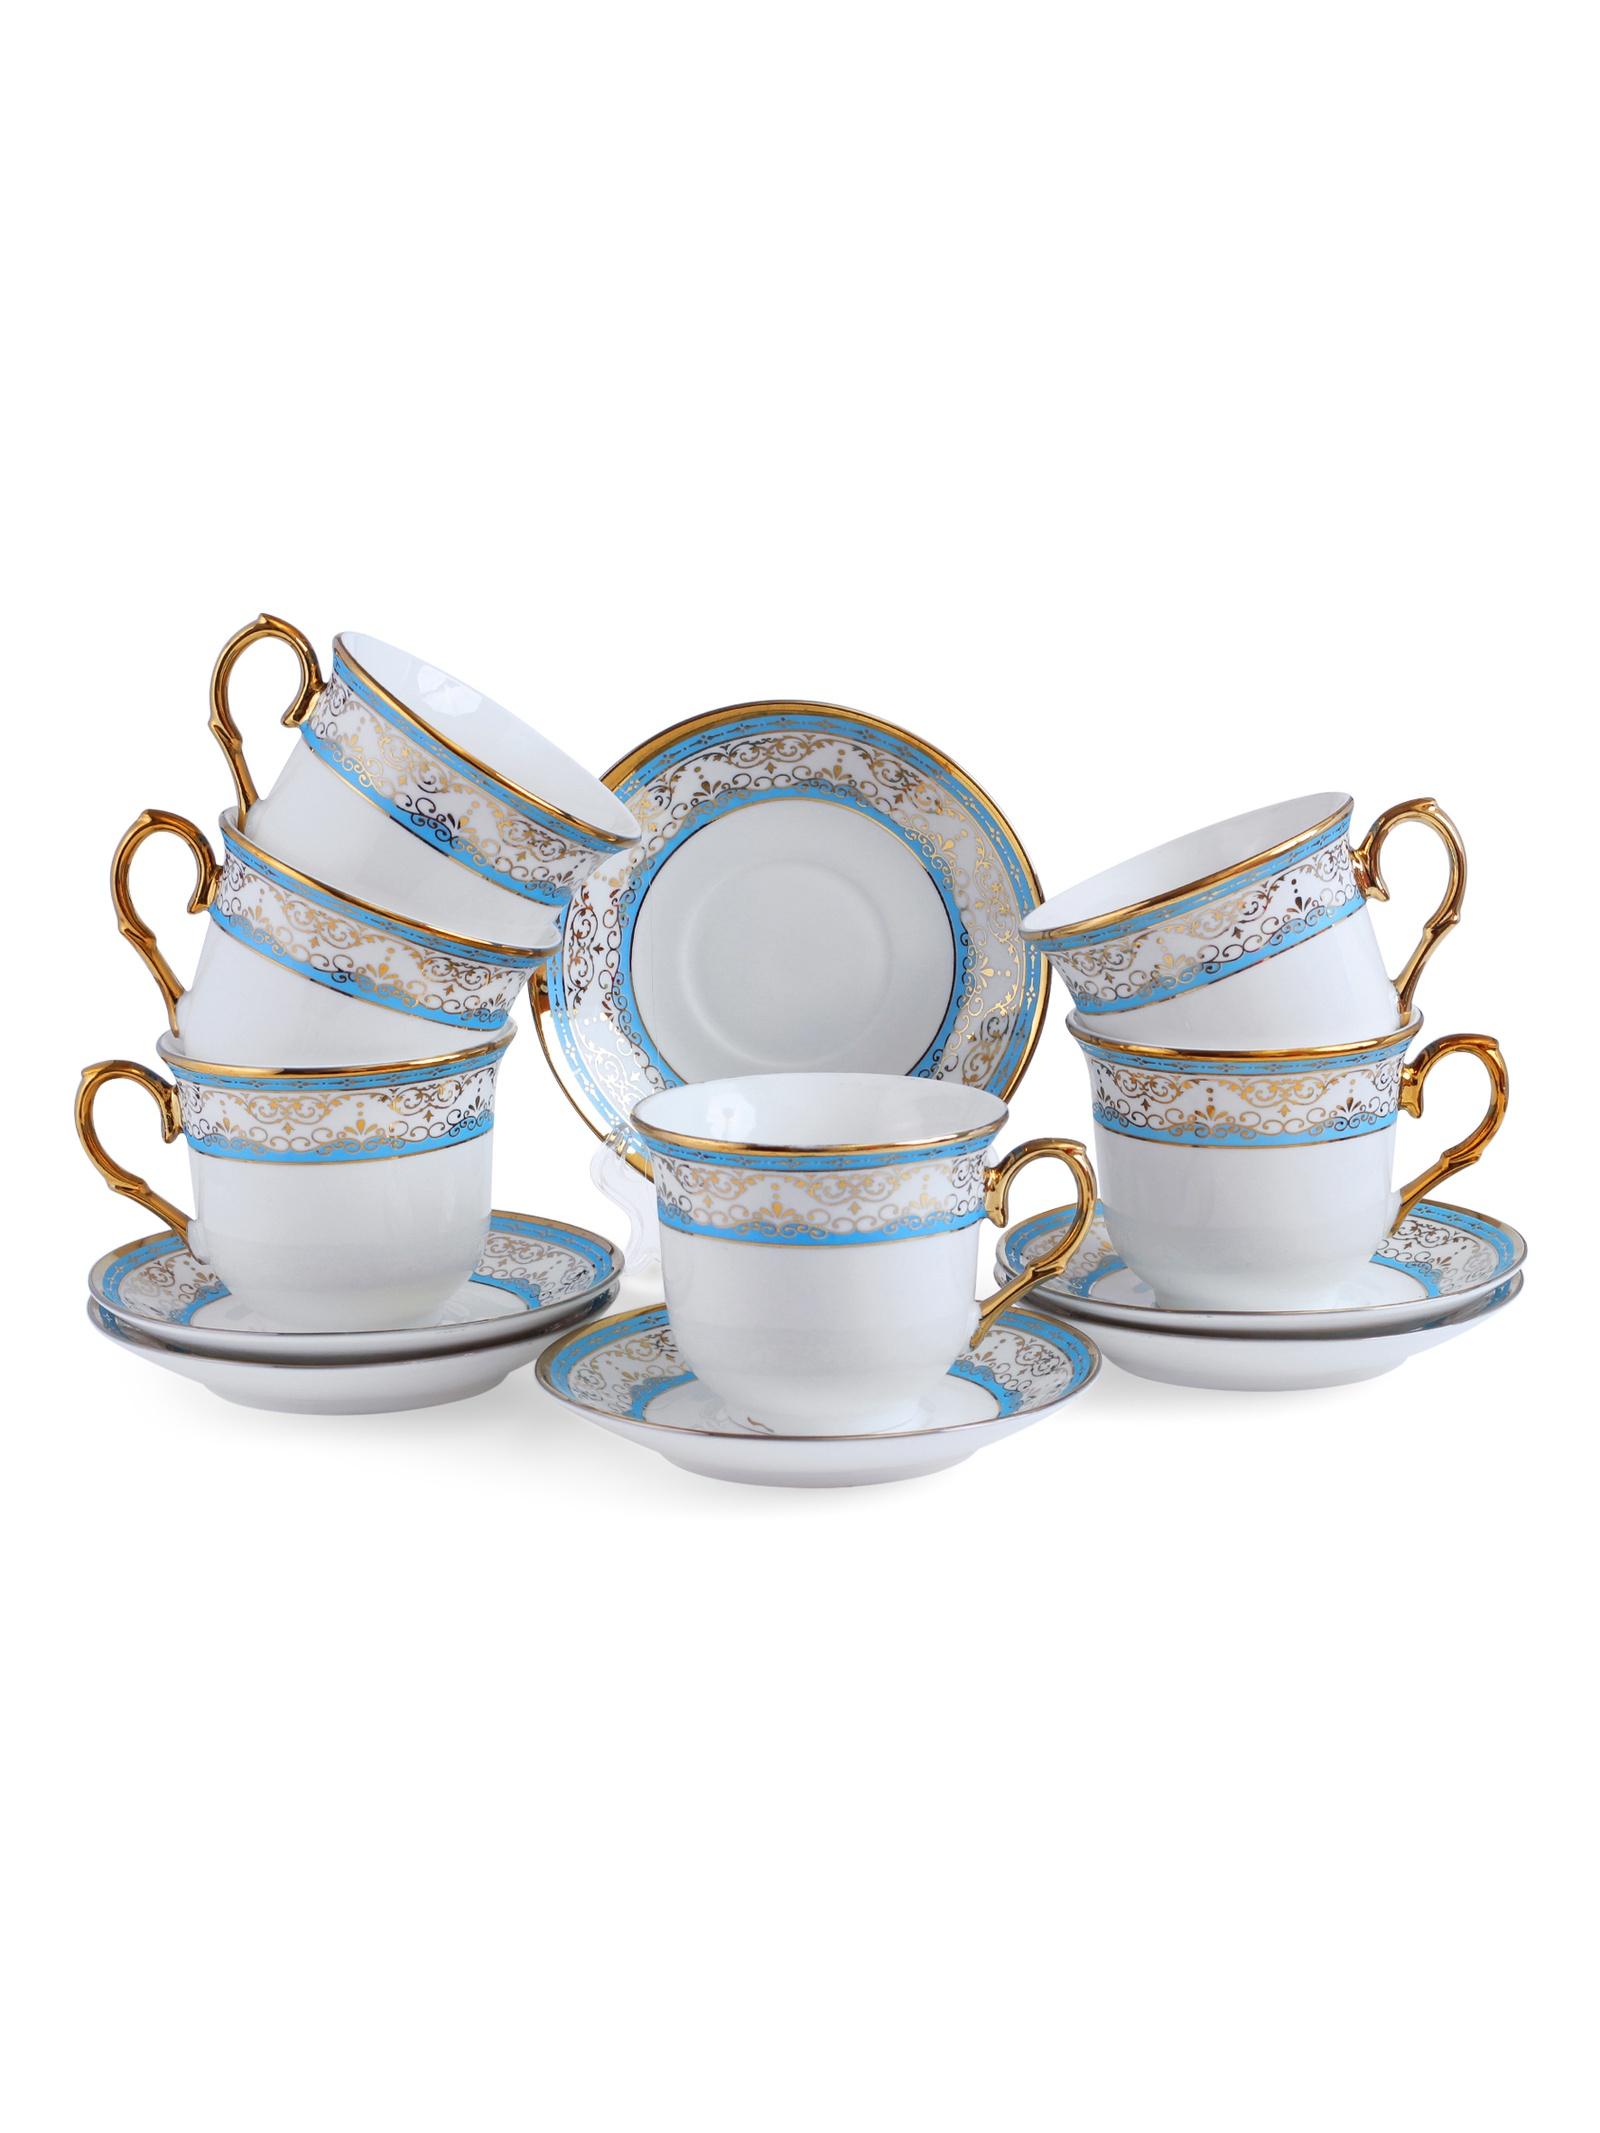 Набор чайный JEWEL Империал 12 предметов голубой (фарфор), 6 шт/уп